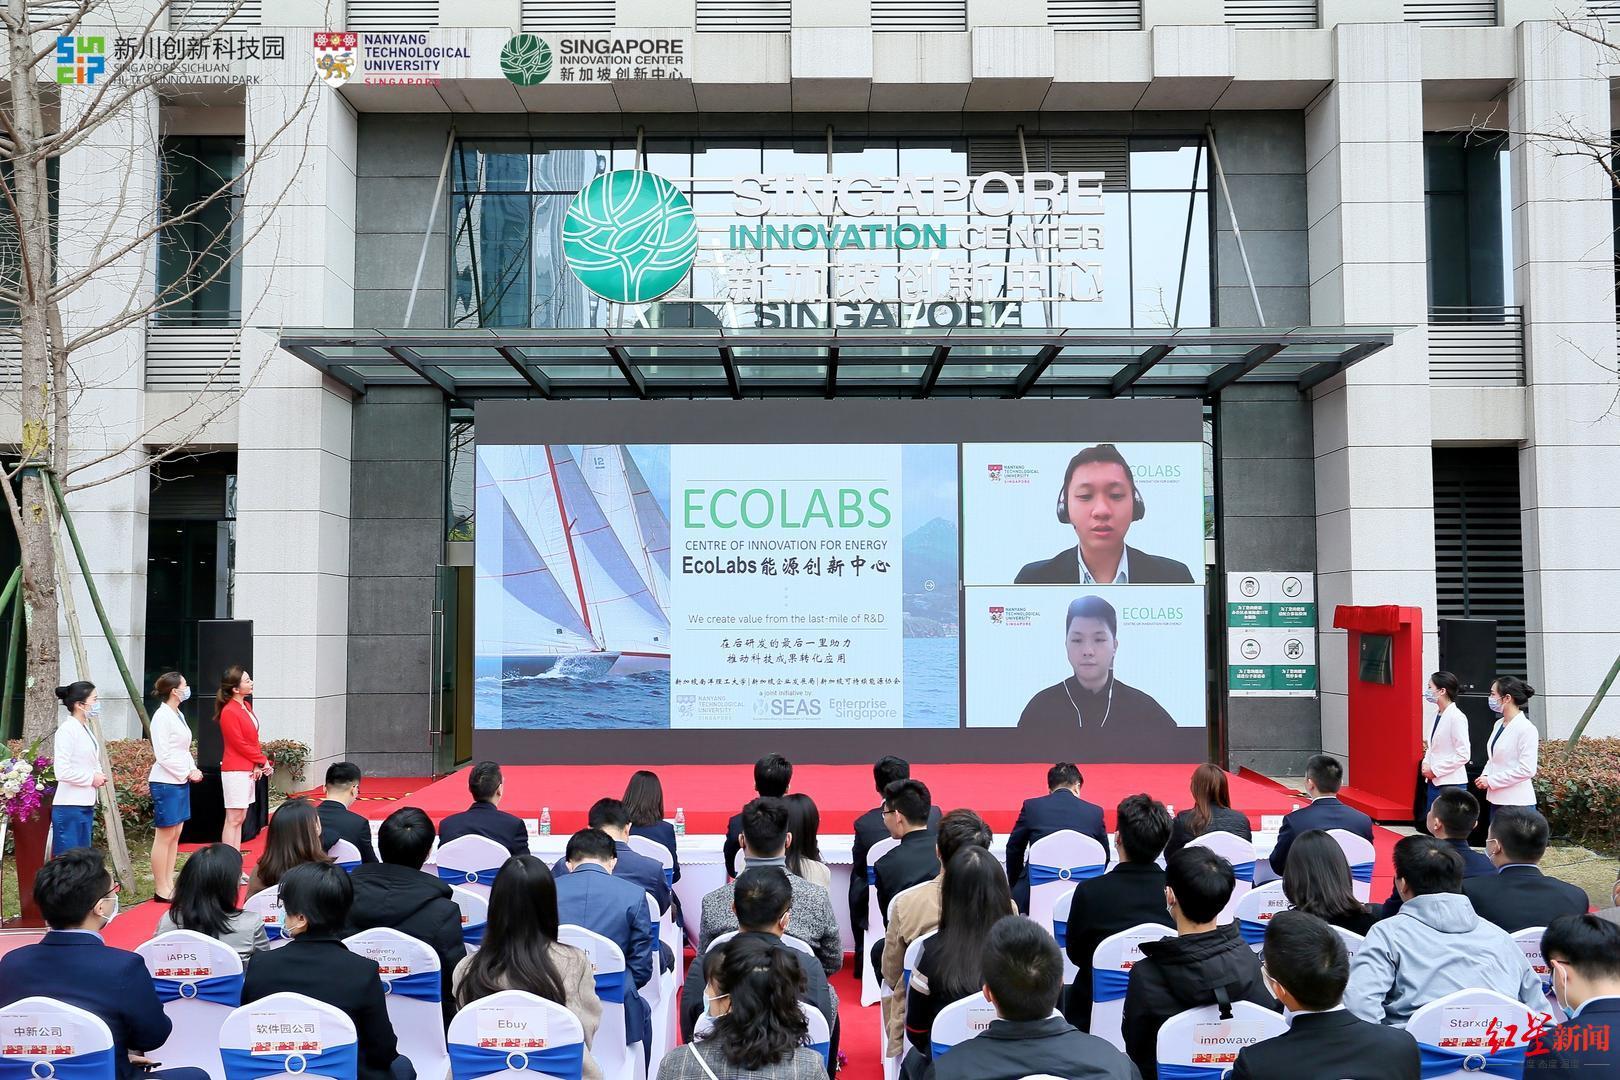 """牵手新加坡南洋理工大学,""""新经济场景创新实验平台""""落地成都新川创新科技园"""